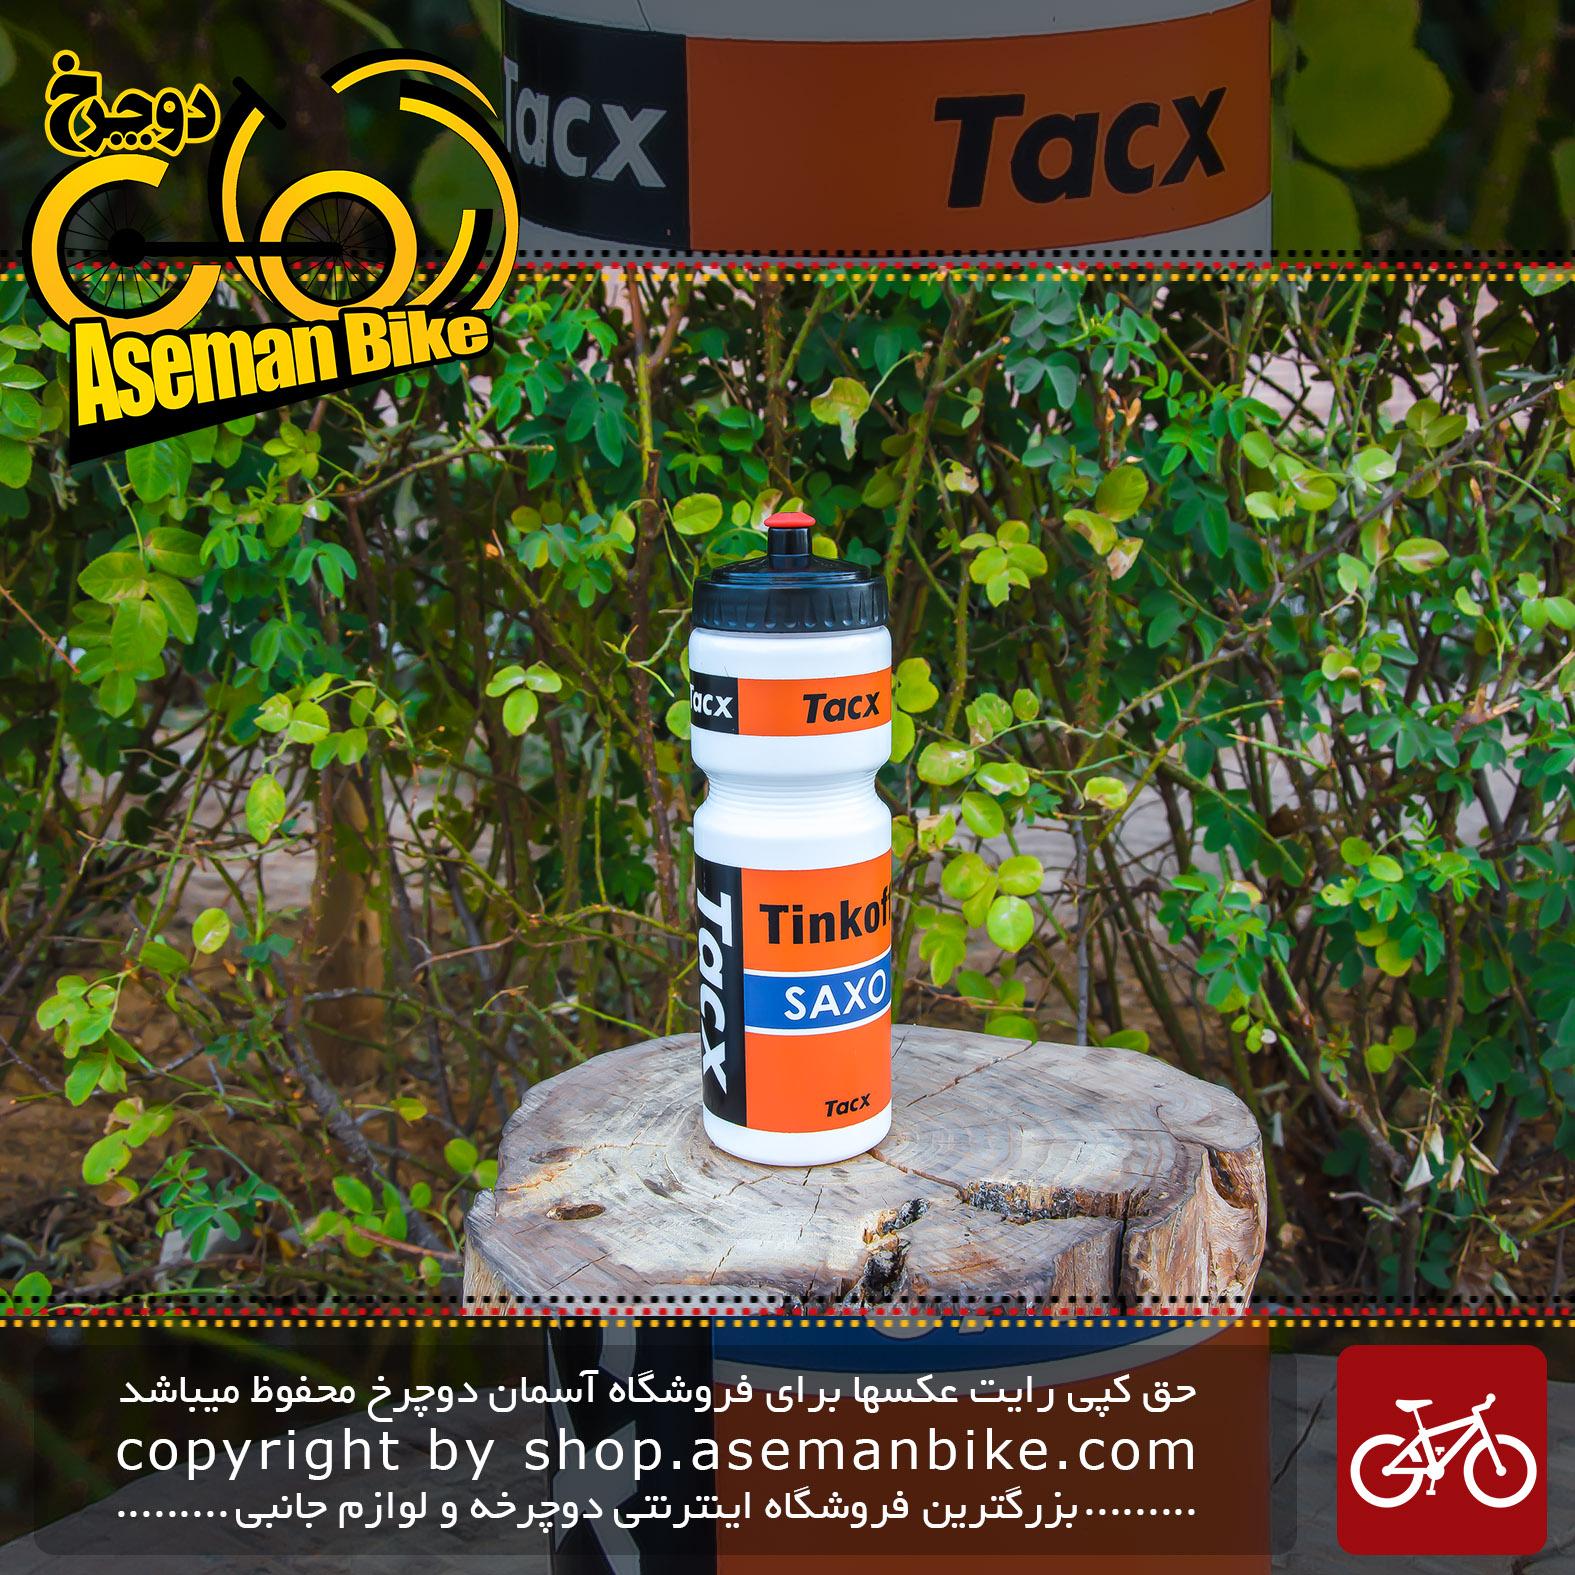 قمقمه تیمی دوچرخه نارنجی تکس مدل ساکسو 750 سی سی Tacx Tinkoff Saxo Team